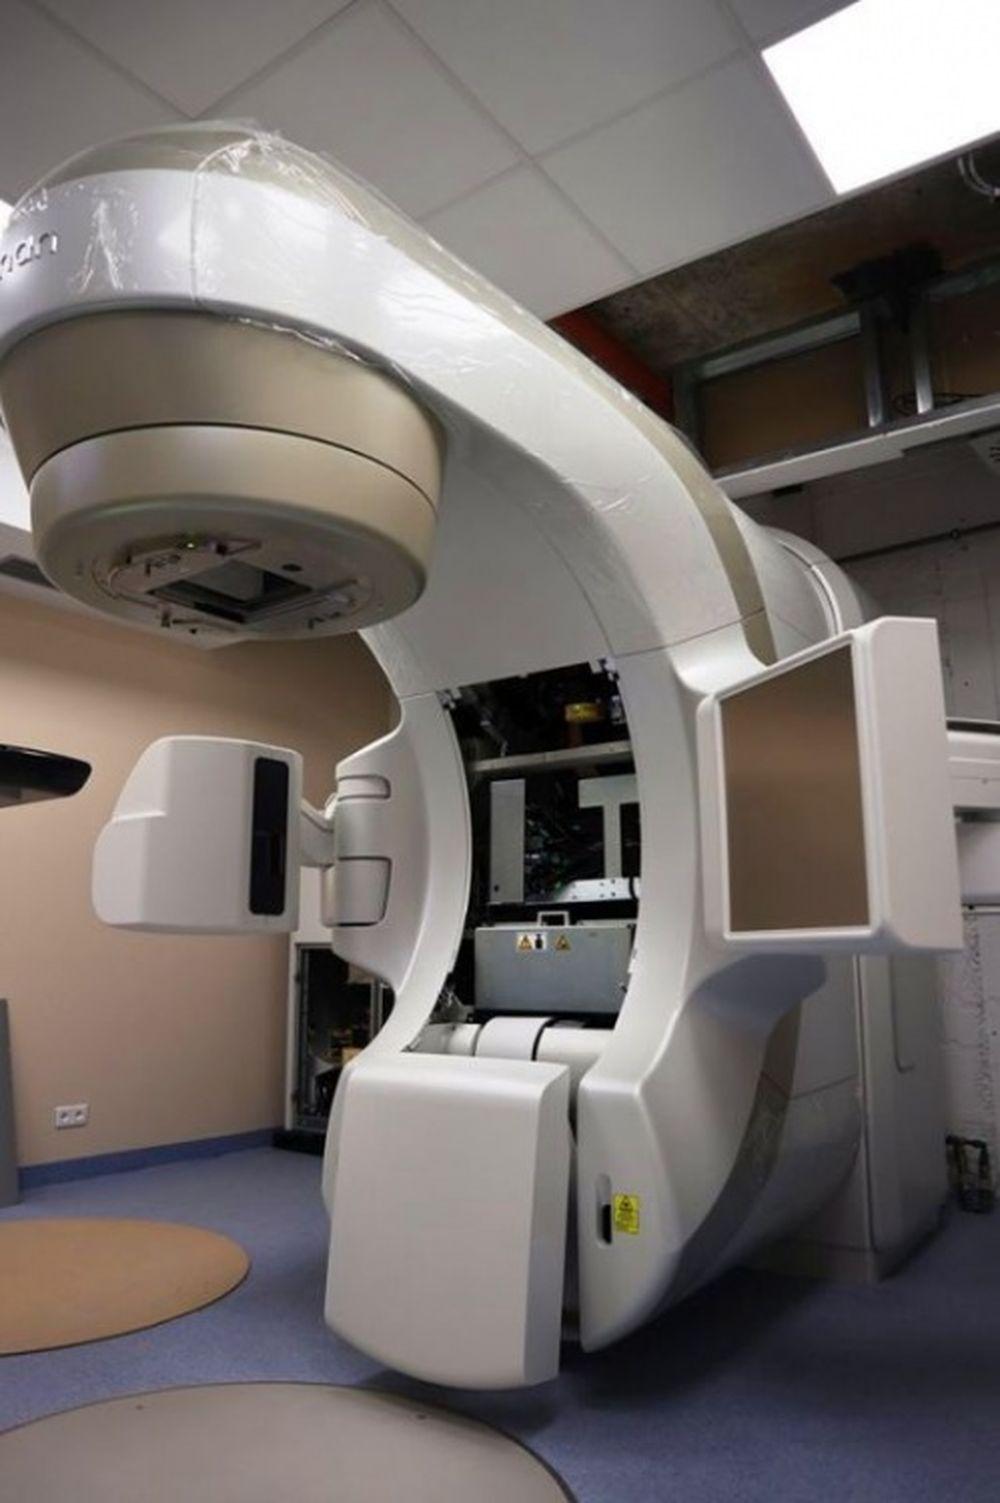 FOTO: Stavebný ruch v žilinskej nemocnici neutícha, na oddelení onkológie inštalujú nové zariadenia, foto 3